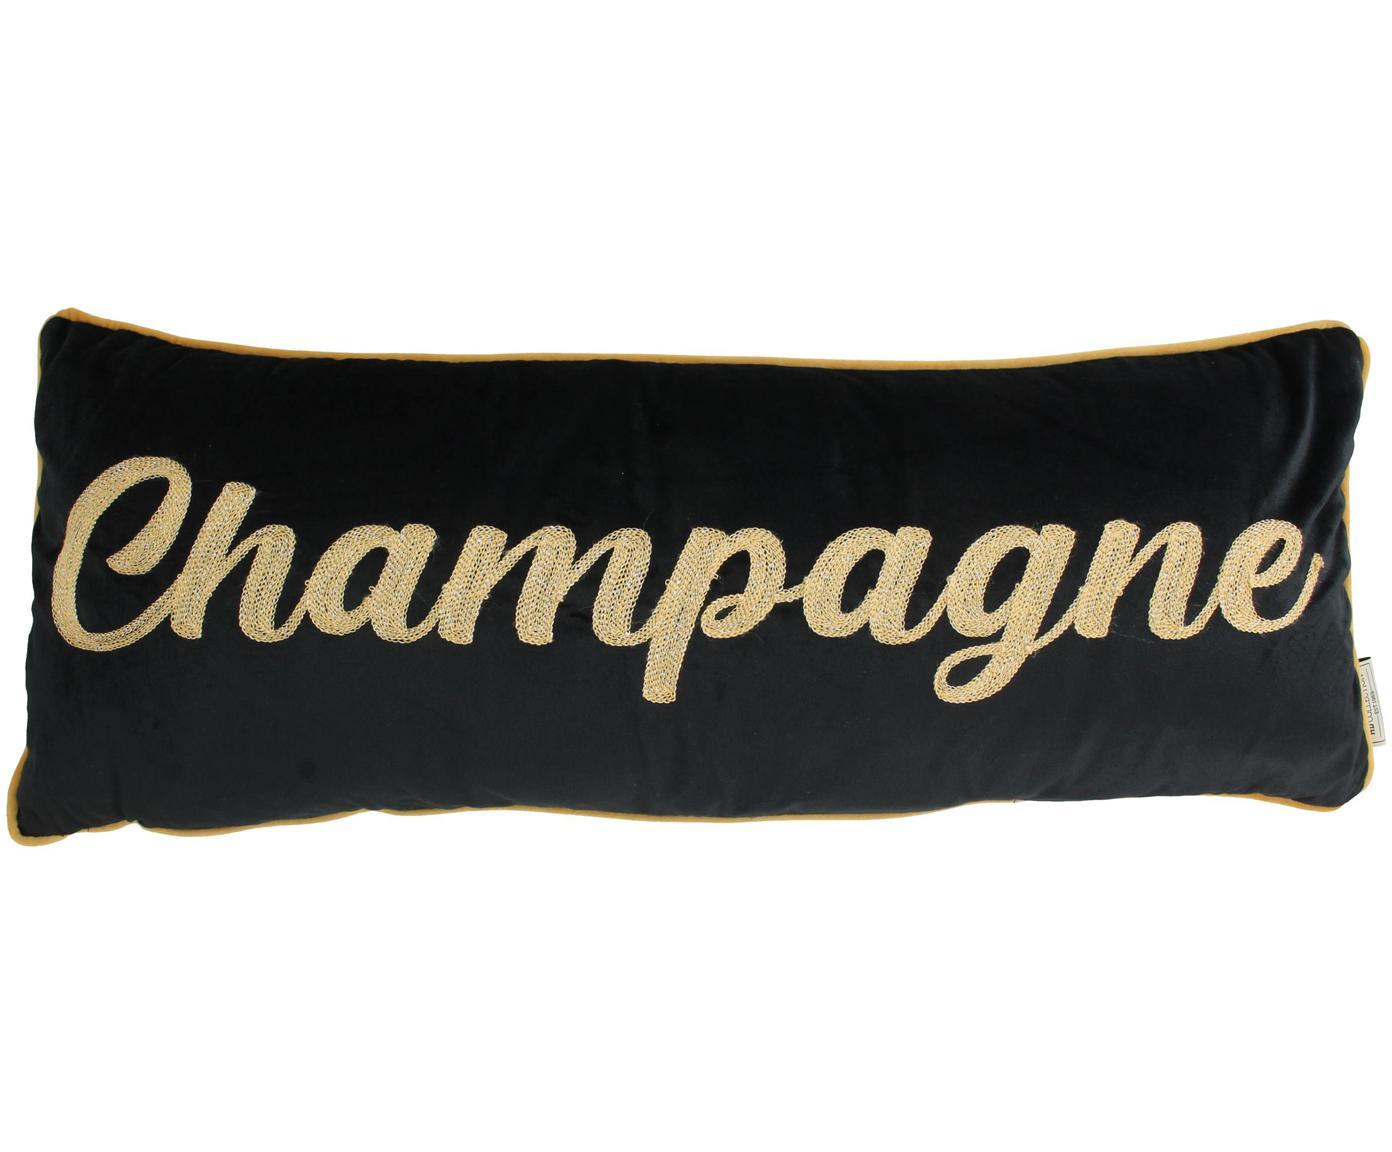 Fluwelen kussen Champagne, met vulling, Polyester fluweel, Zwart, goudkleurig, 30 x 80 cm